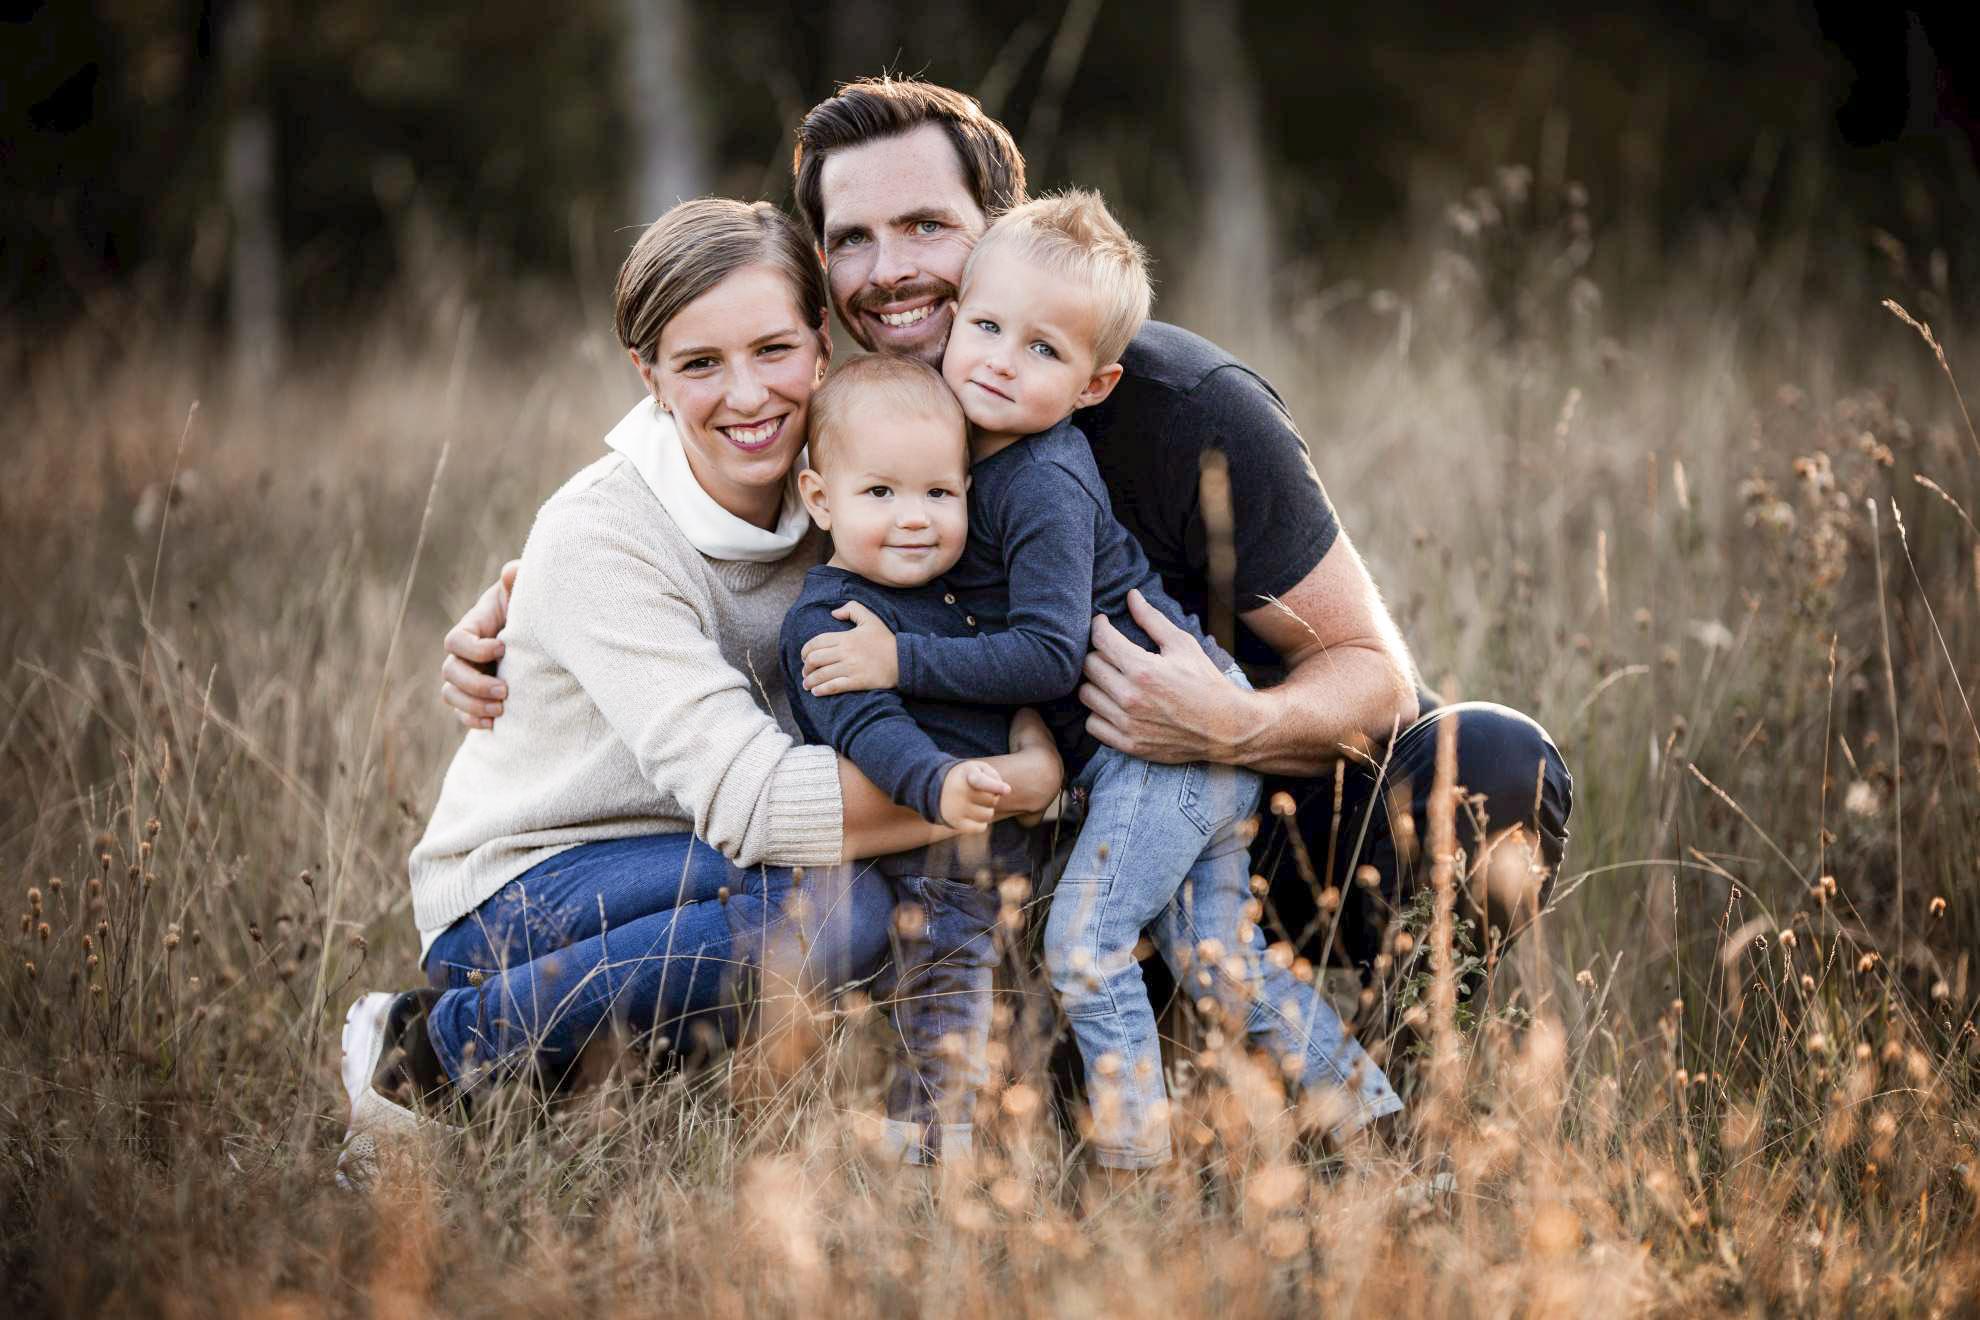 Familienfotos in Mainz: Herbstbilder in der Natur